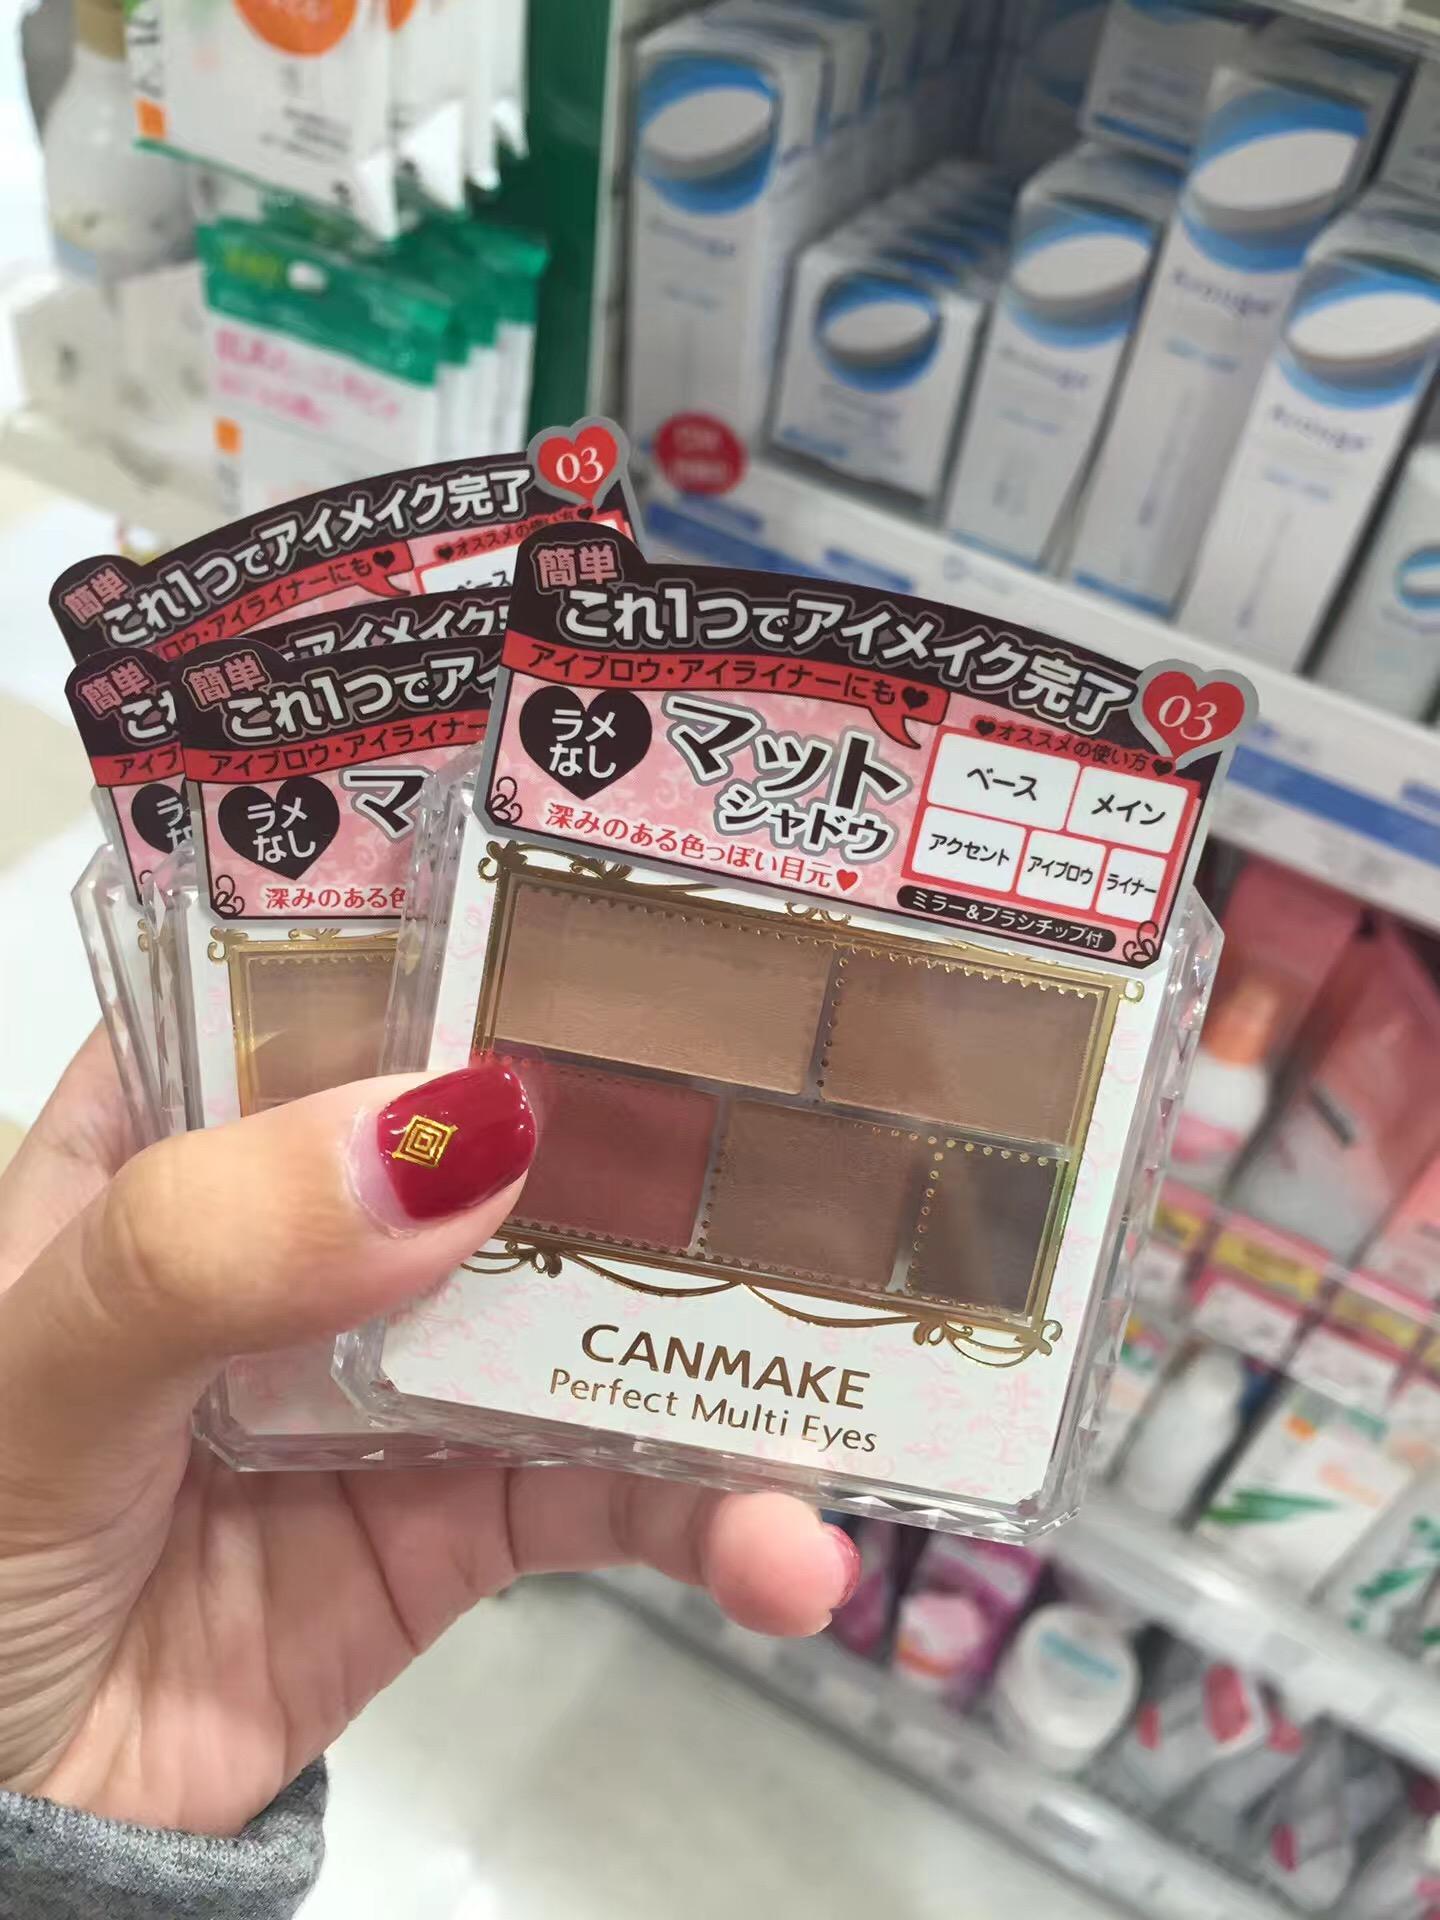 日本canmake井田雕刻裸色五色眼影盘 新款14号 03号复古色